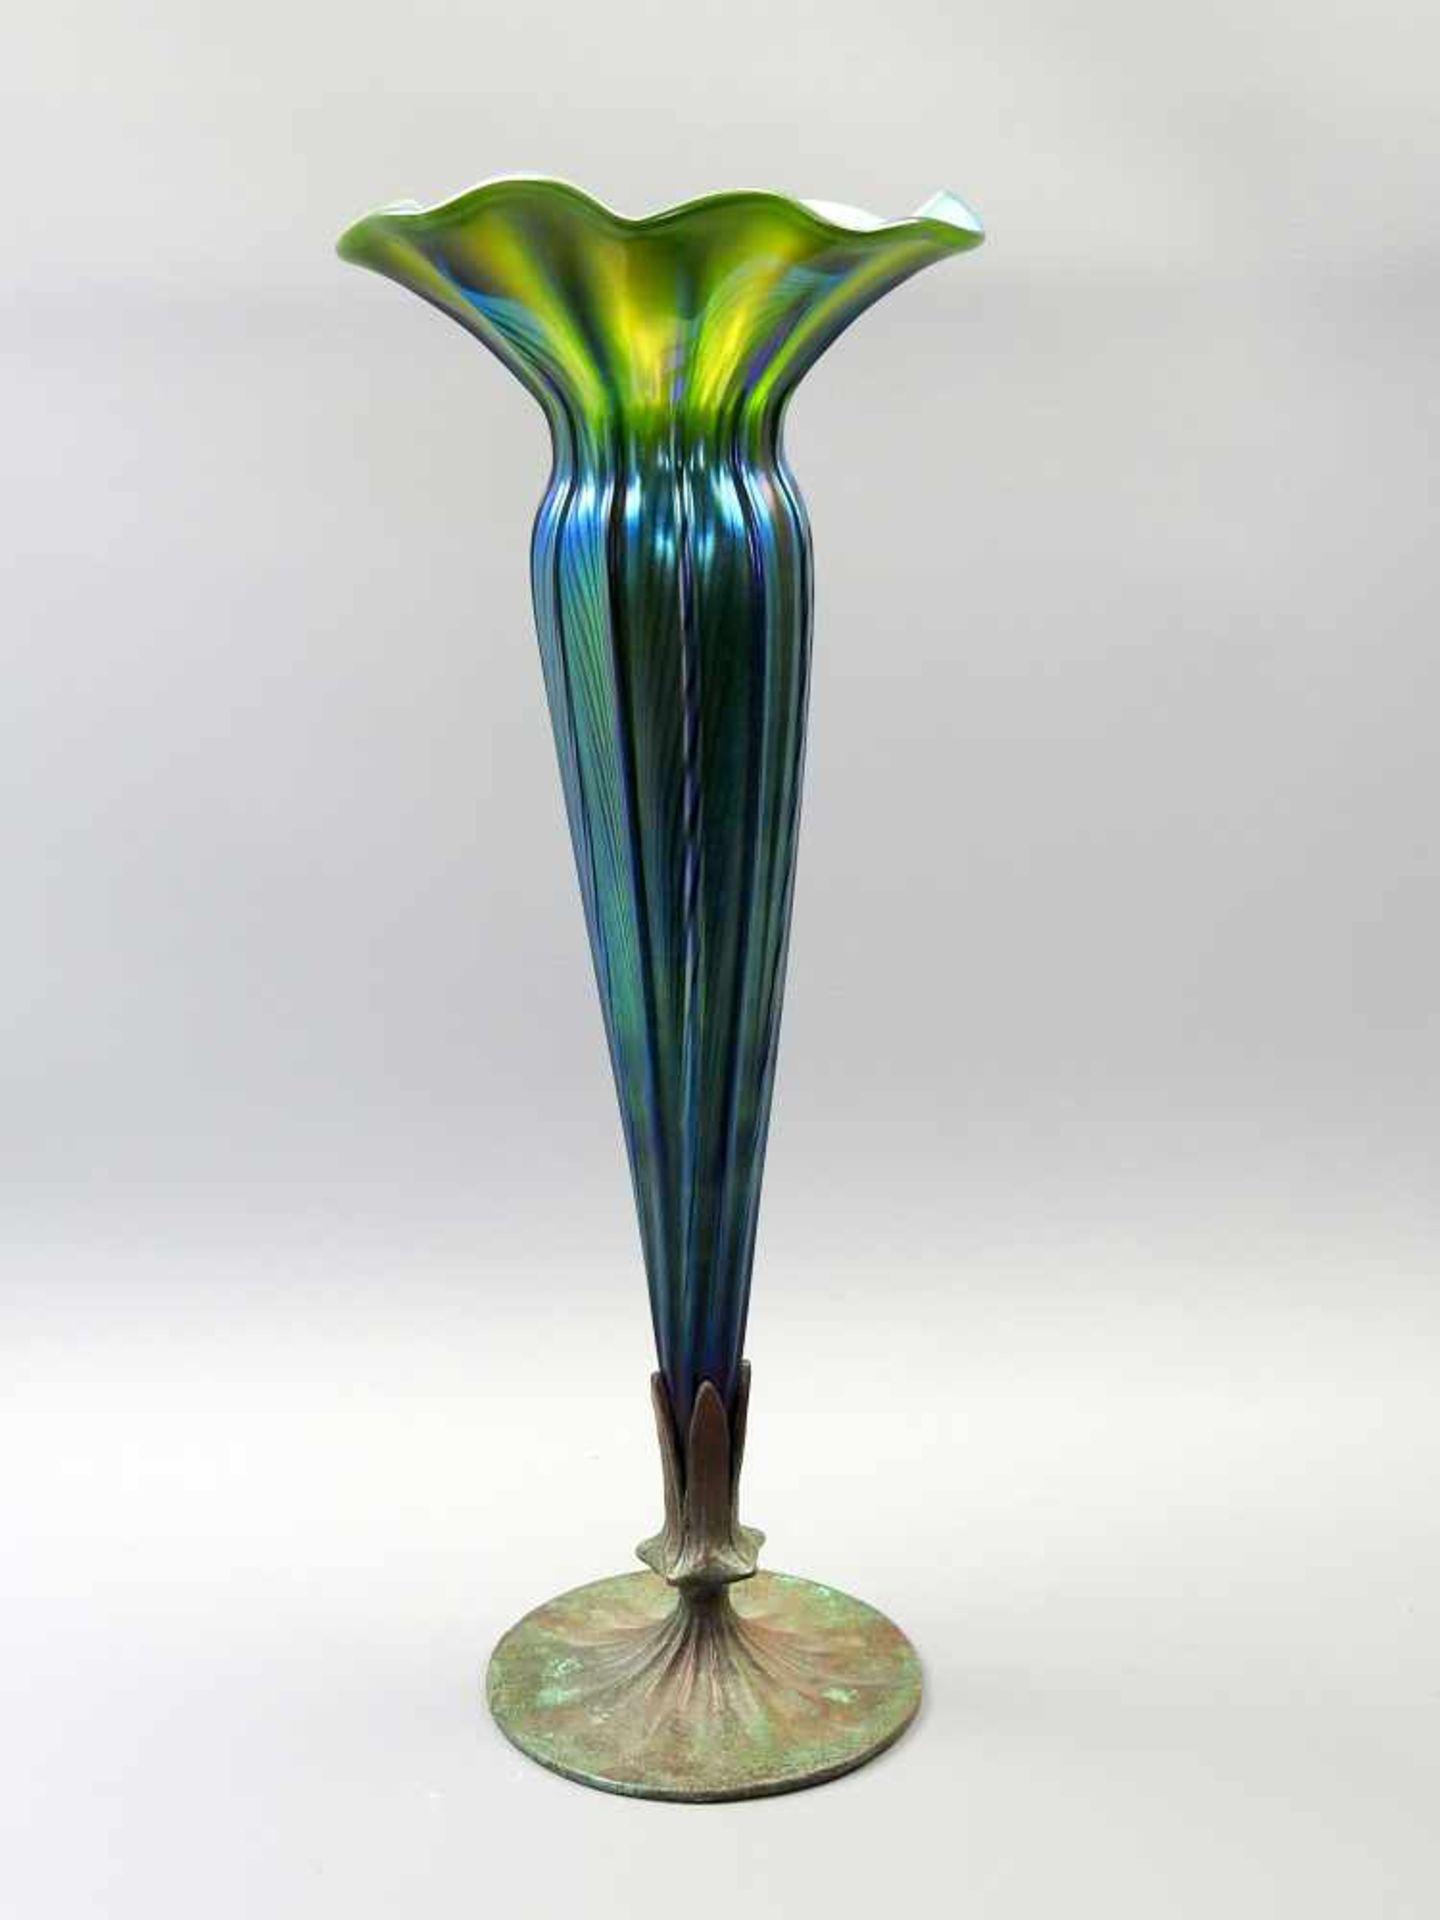 Tiffany Studios New York, Vase mit BronzestandfußIrisierendes Glas mit gelb-grünen und türkis-blauen